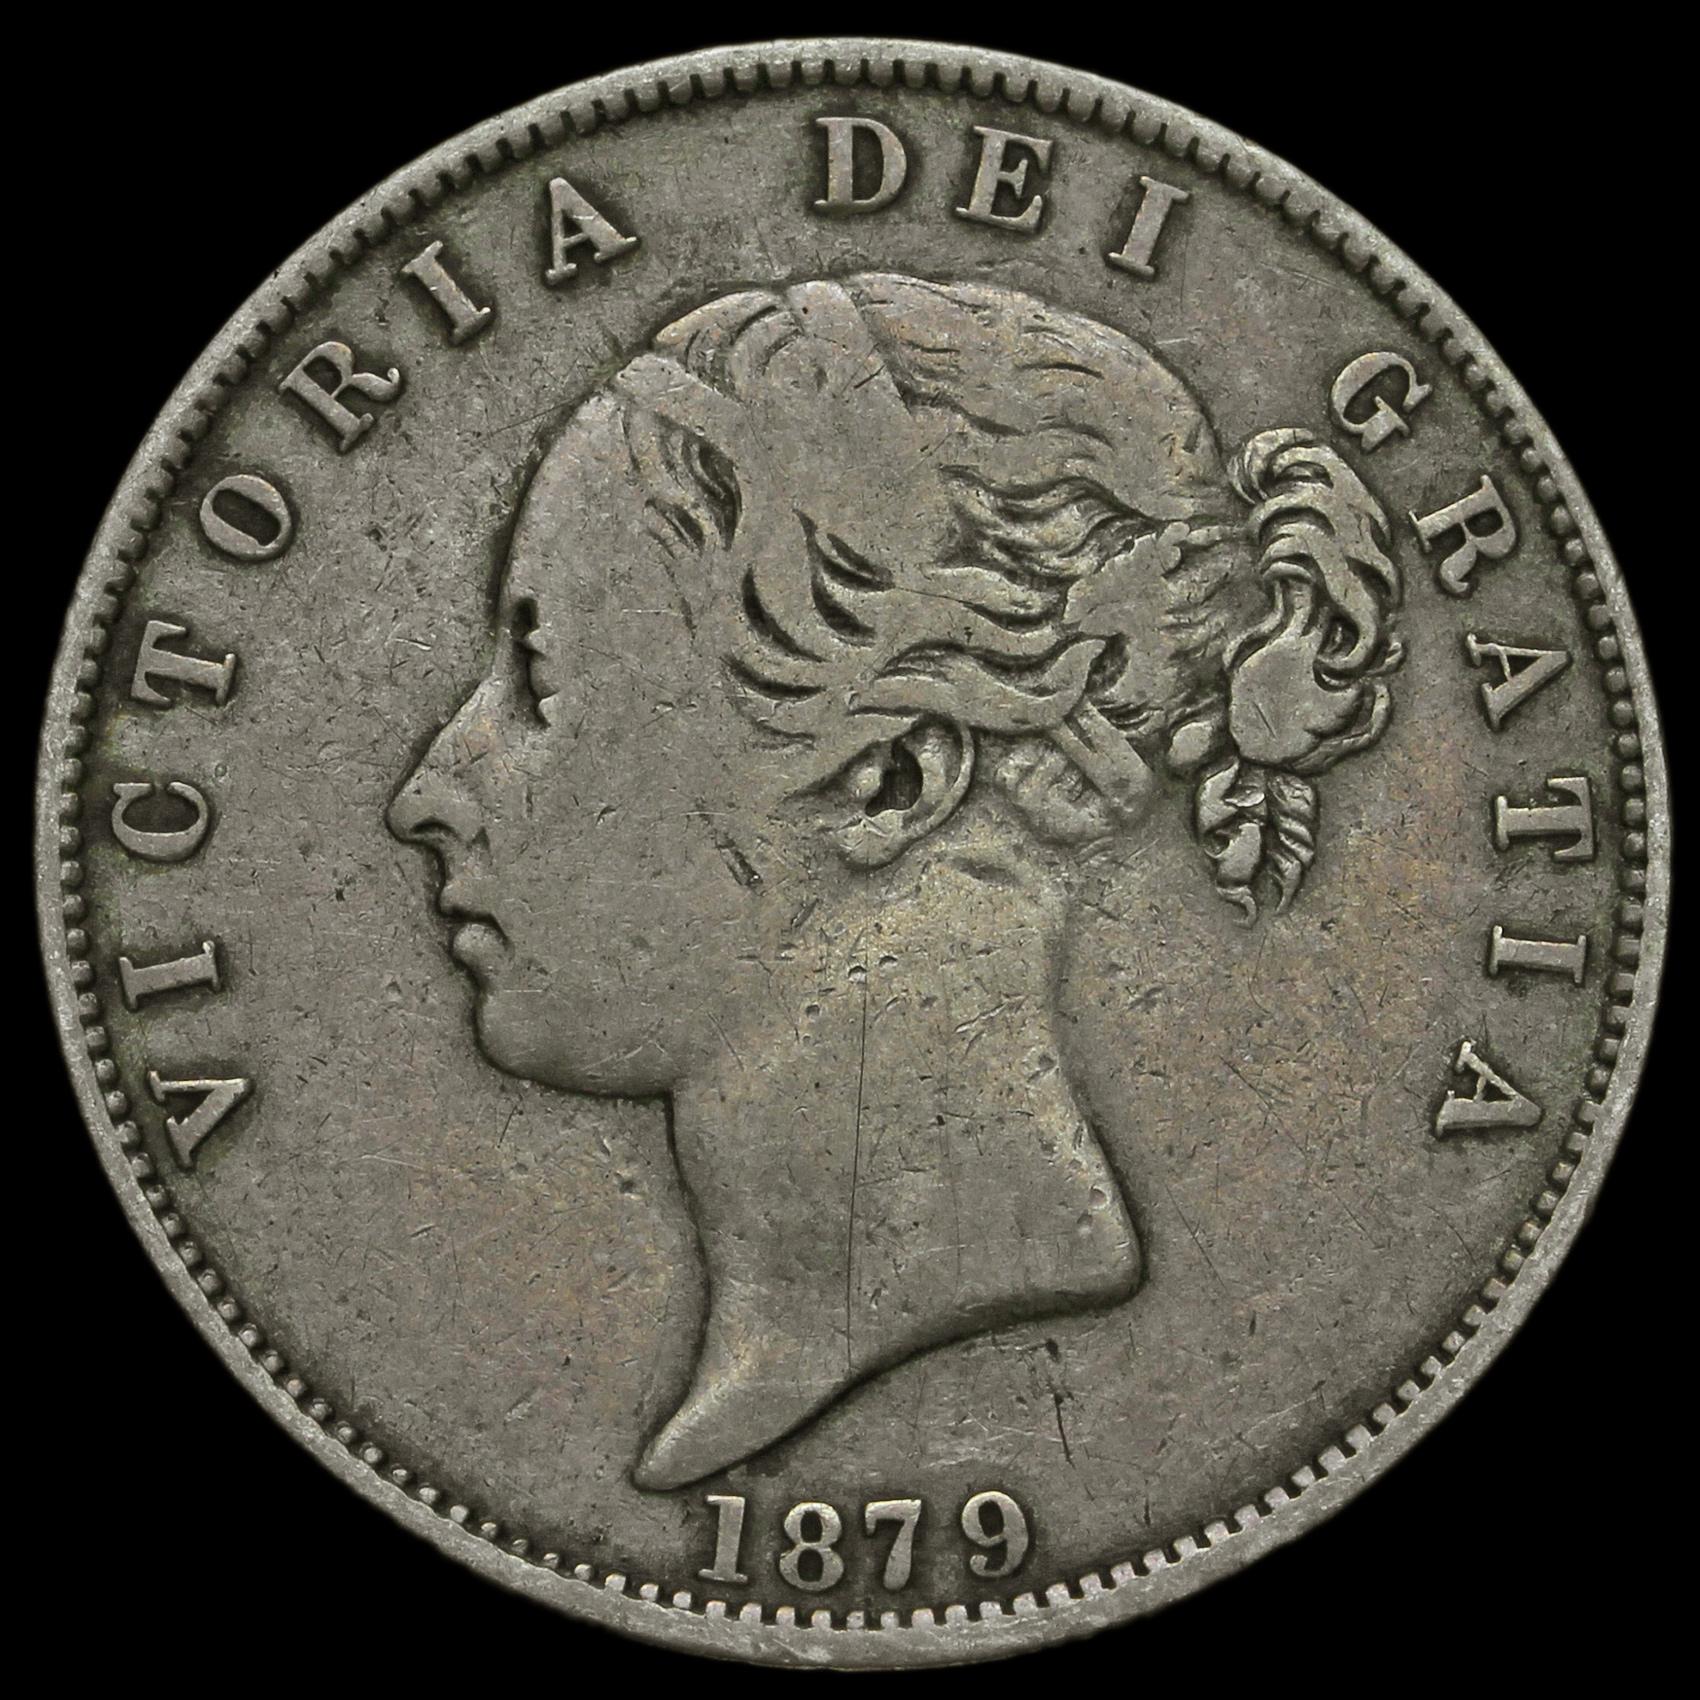 1879 Queen Victoria Young Head Silver Half Crown, Rare, GF